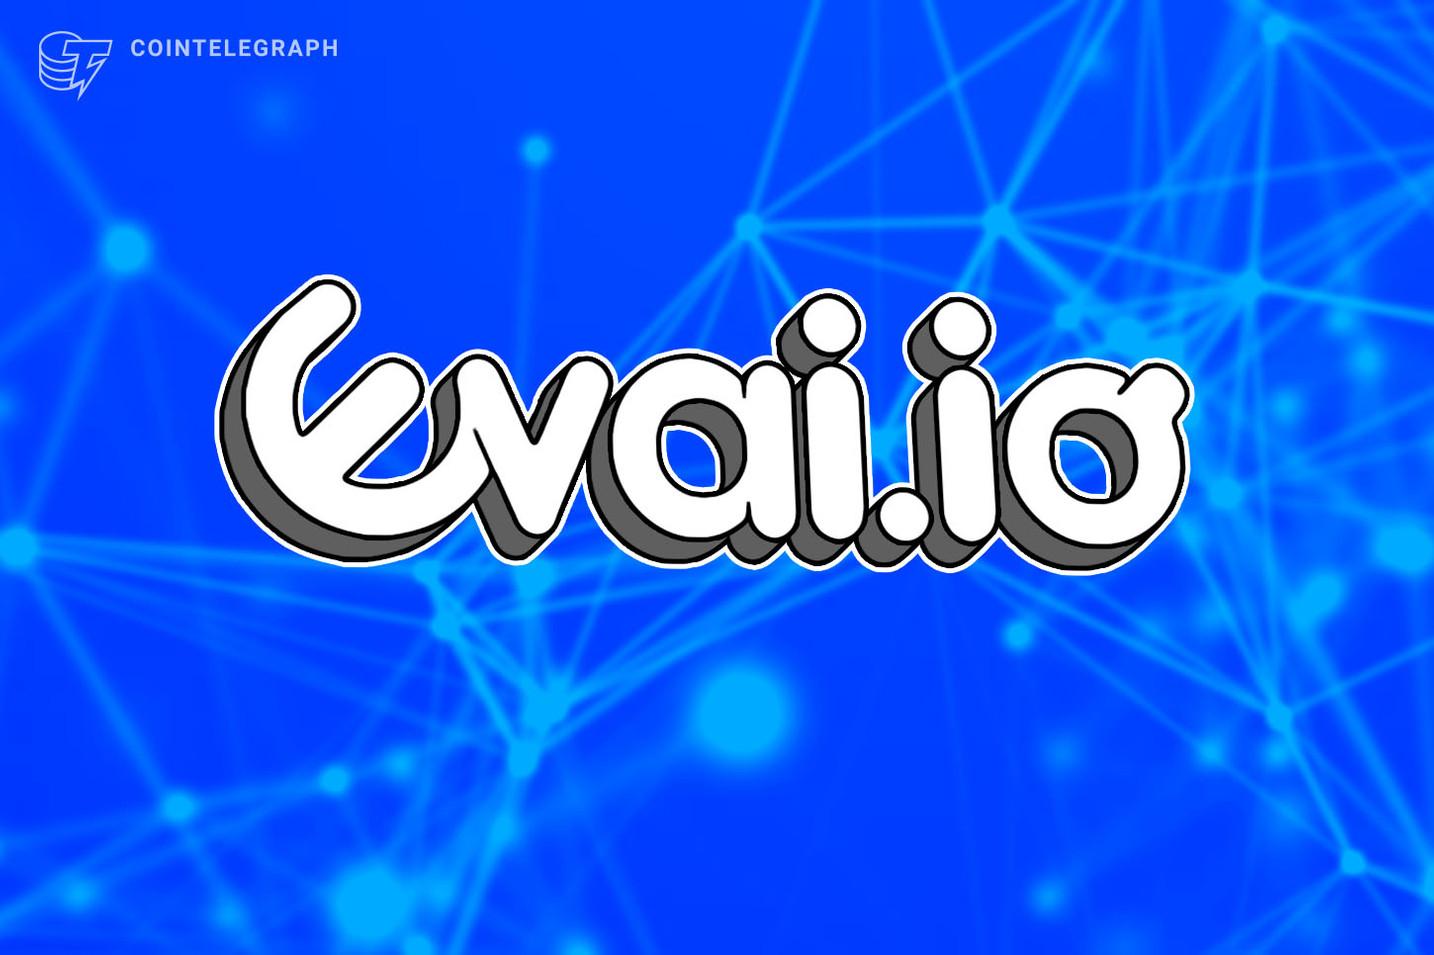 Professore del Regno Unito sviluppa Evai.io, innovativo sistema per il rating delle criptovalute